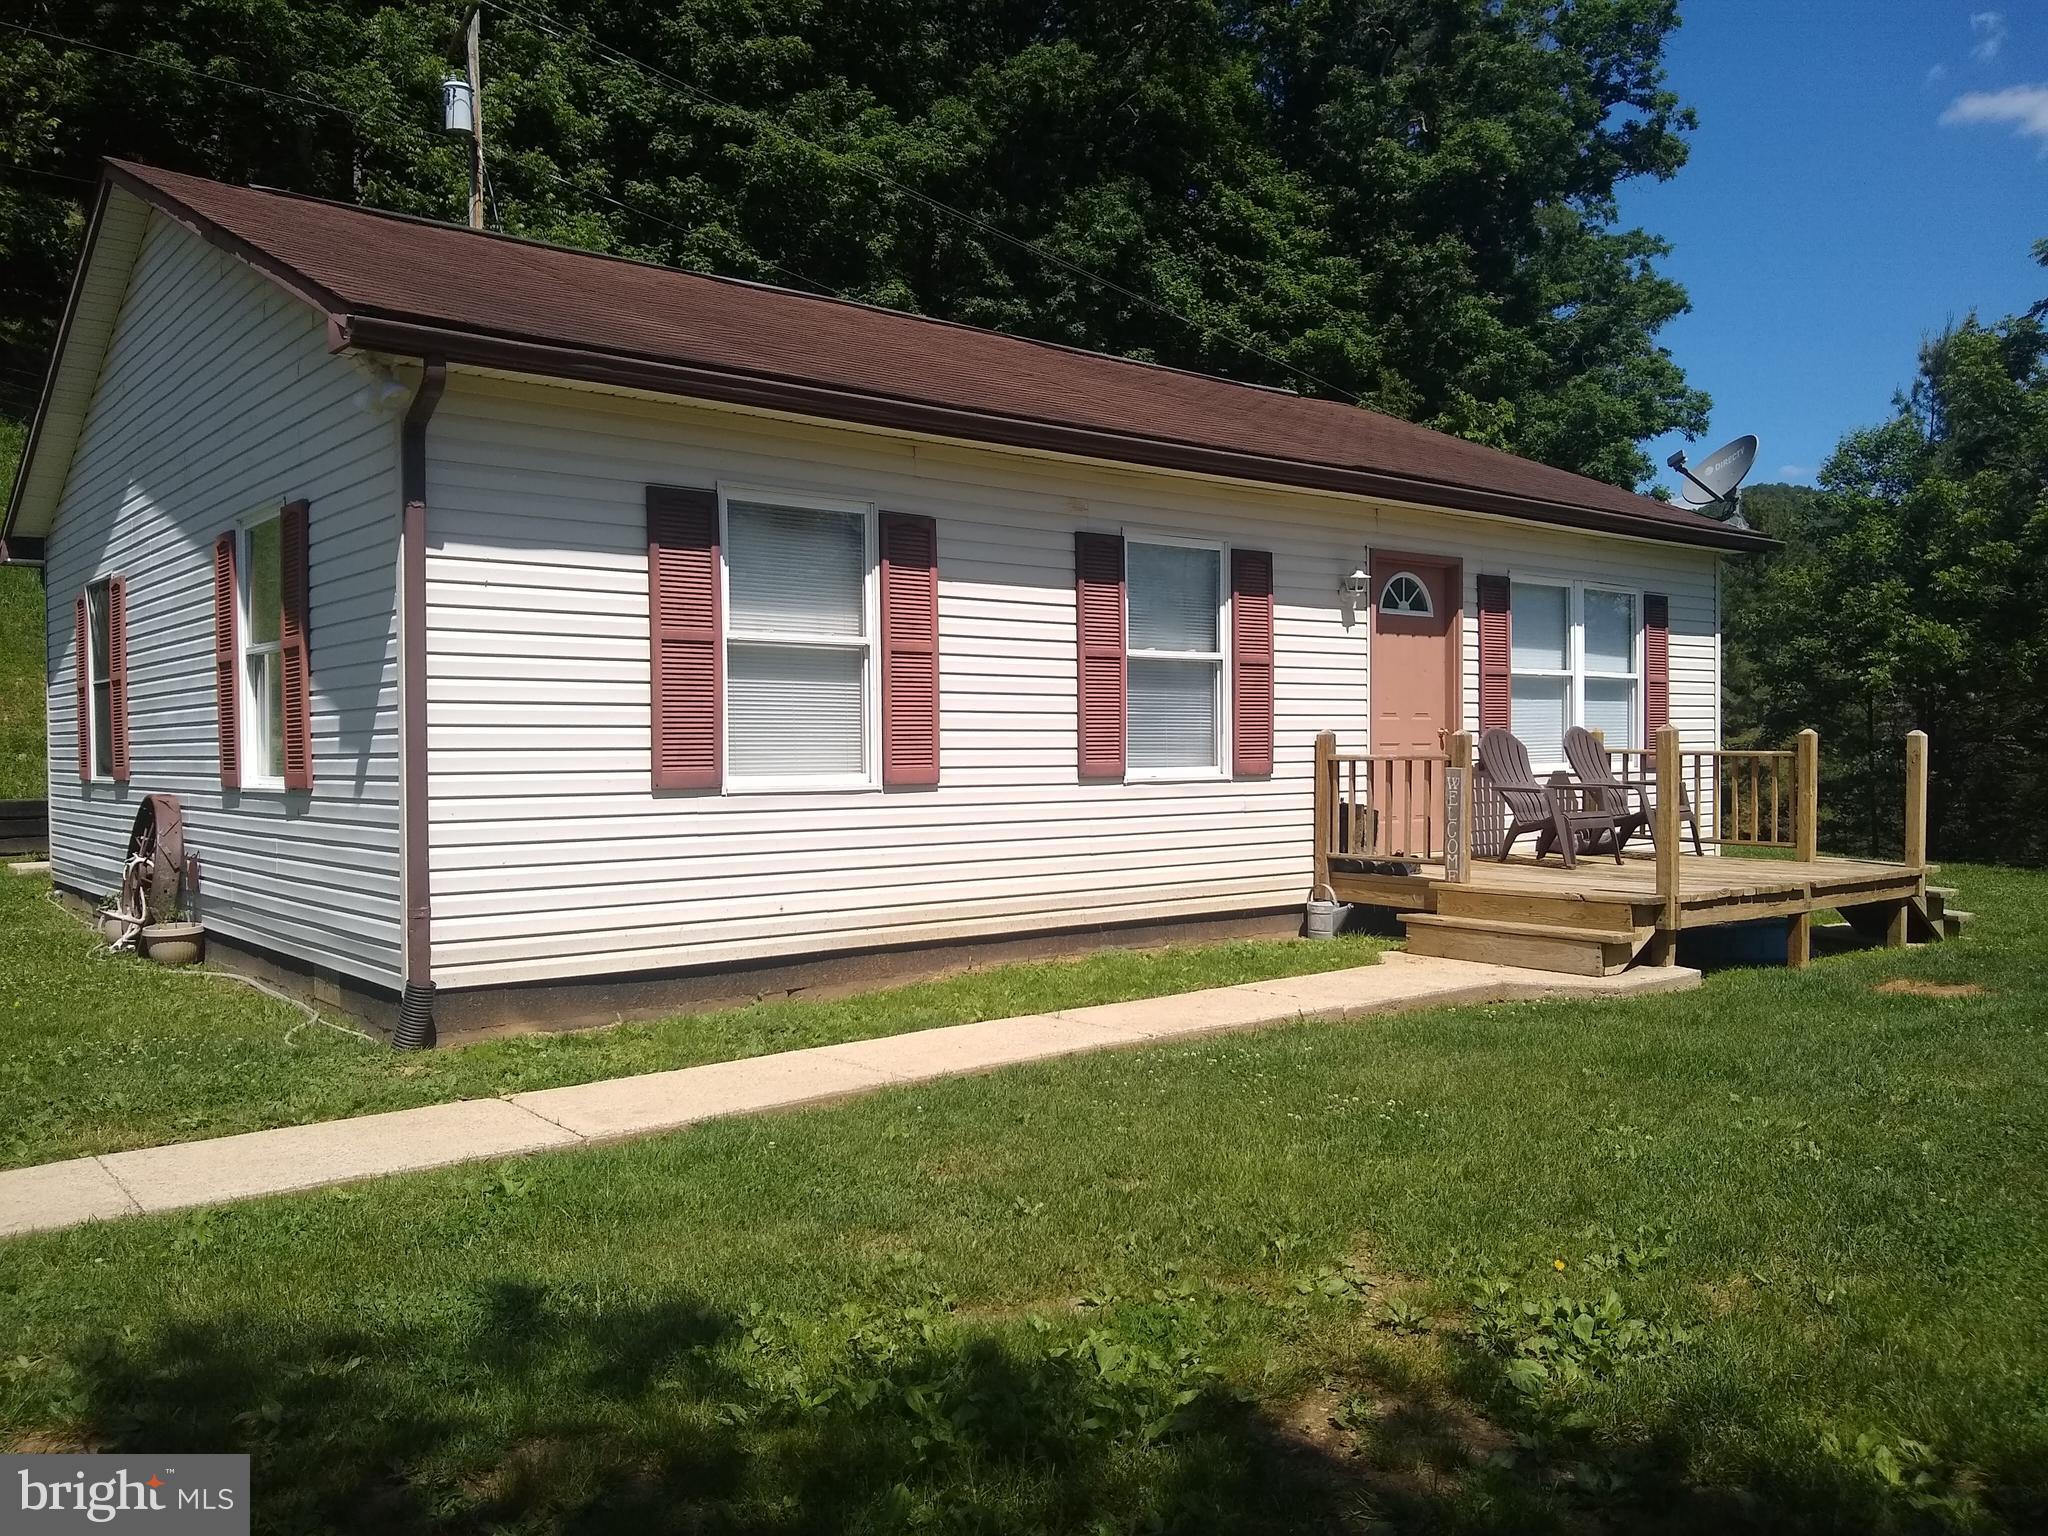 13404 Sugar Grove Rd, Sugar Grove, WV 26815